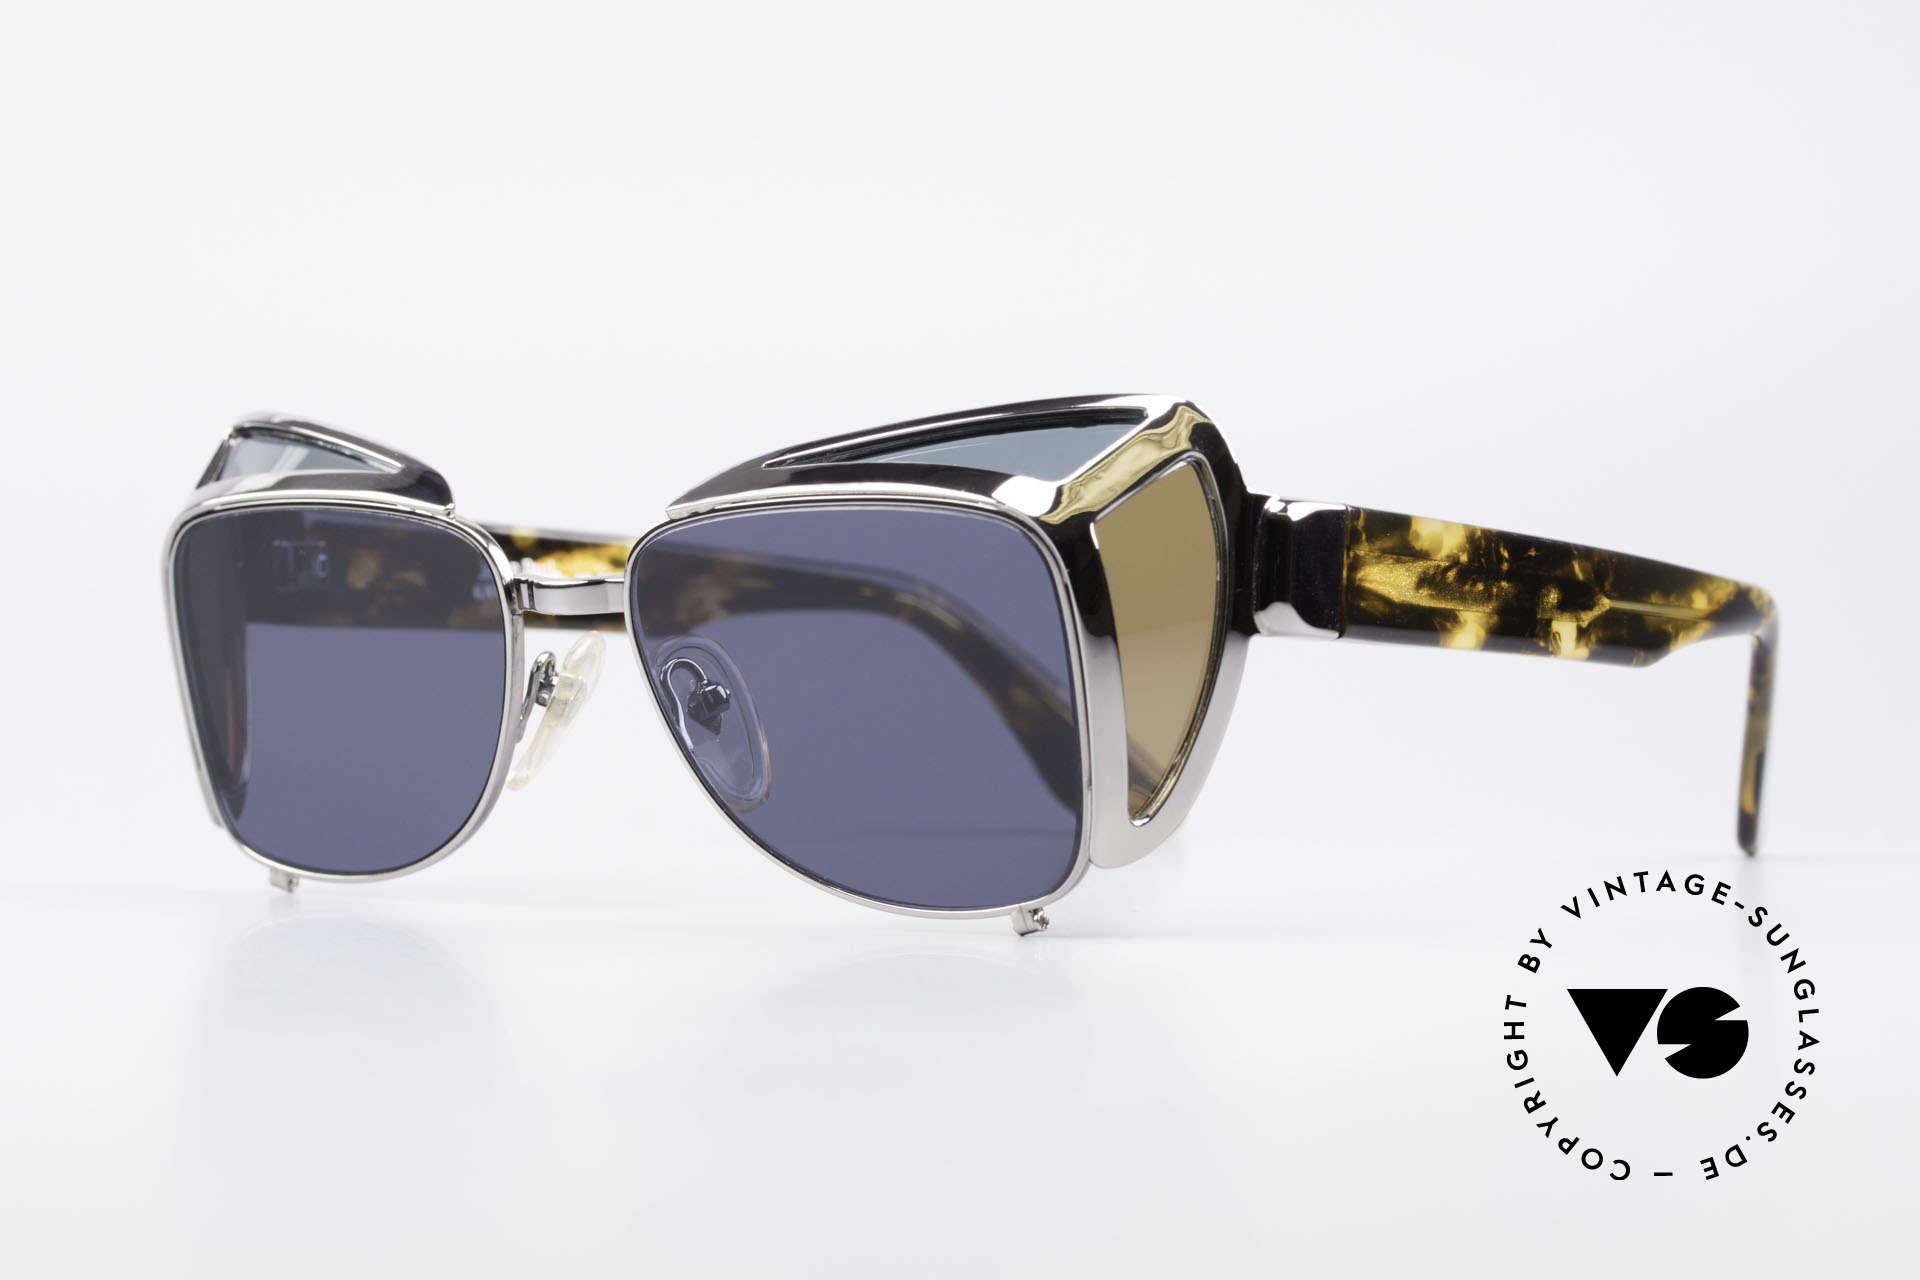 Jean Paul Gaultier 56-9272 Steampunk Sonnenbrille JPG, limitierte Kleinserie (ein seltenes Sammlerstück), Passend für Herren